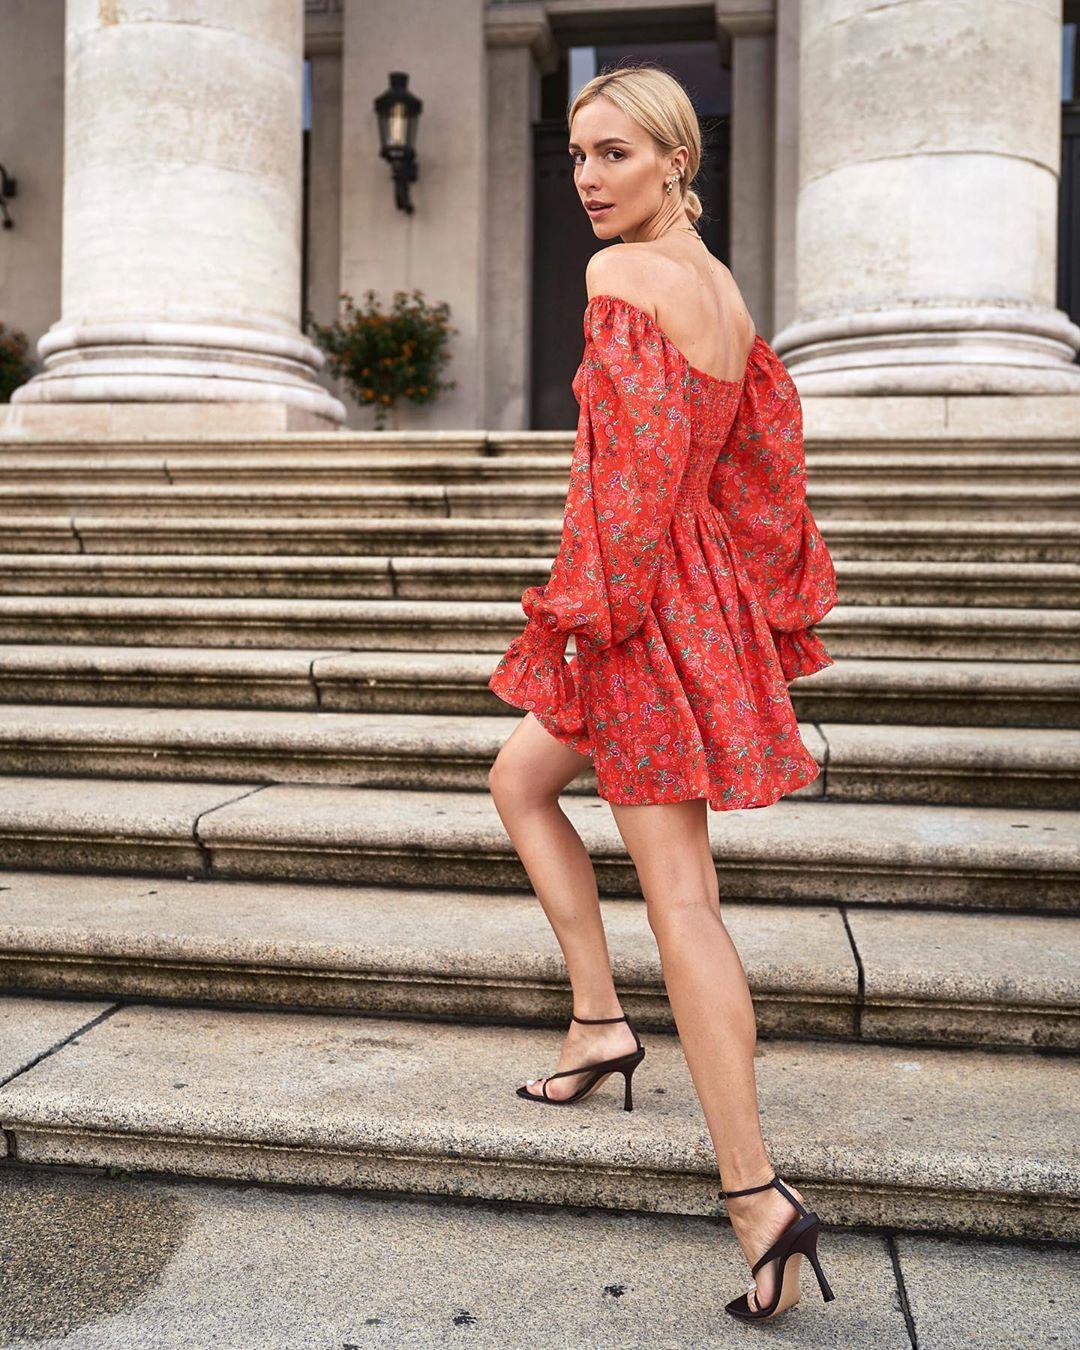 Váy trễ vai in hoa nhí tay phồng màu đỏ, giày sandals cao gót dây mảnh màu đen